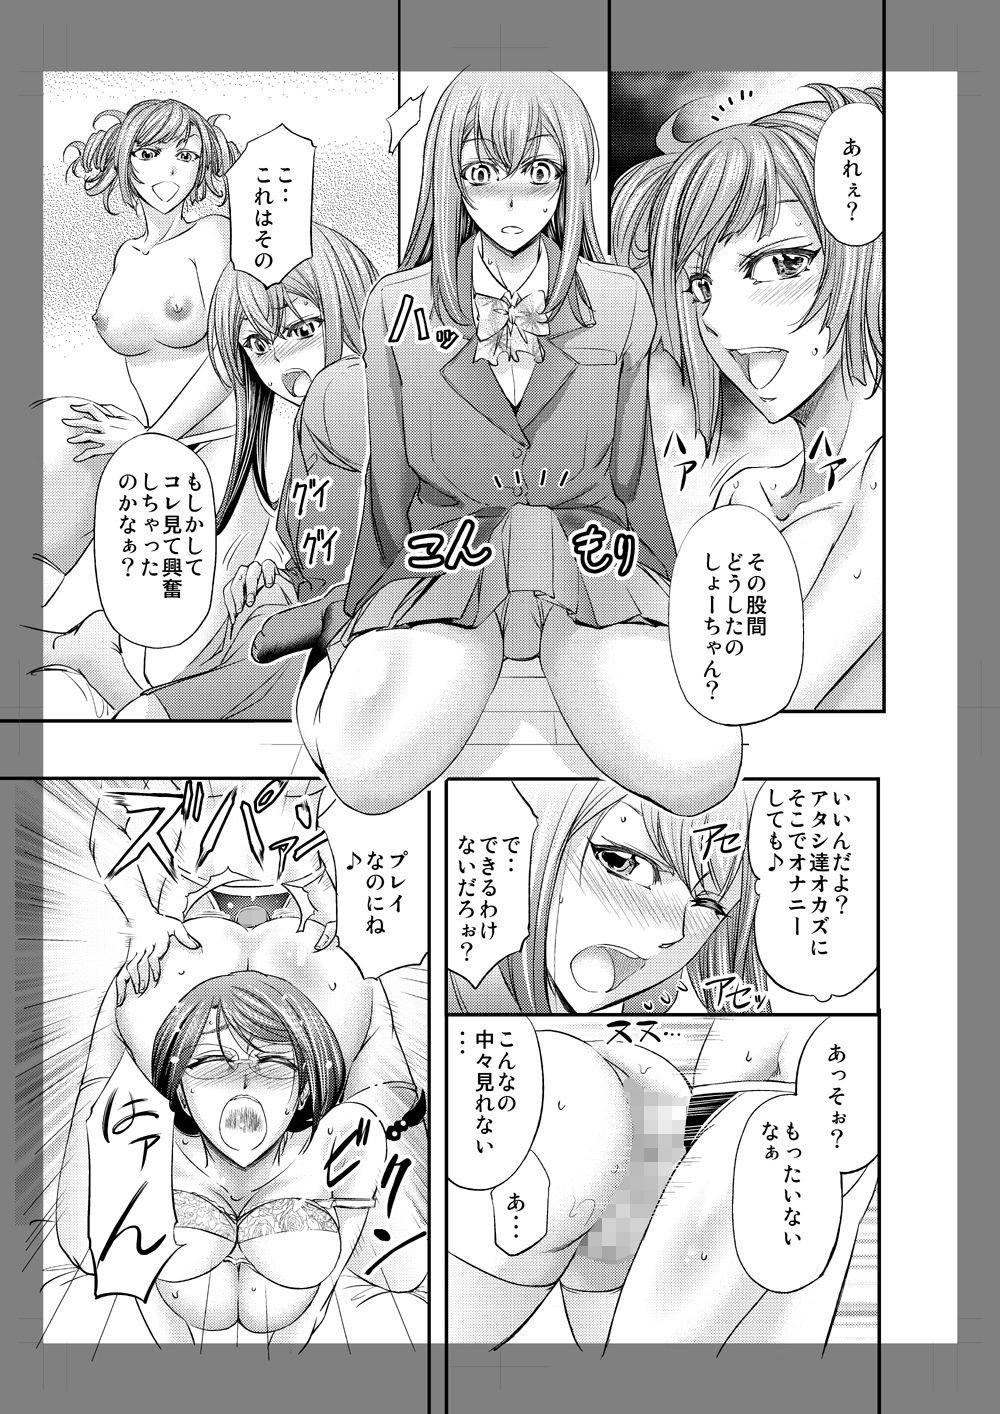 メス堕ち竿連結 〜姉ちゃん達に弄ばれた僕〜のサンプル画像3